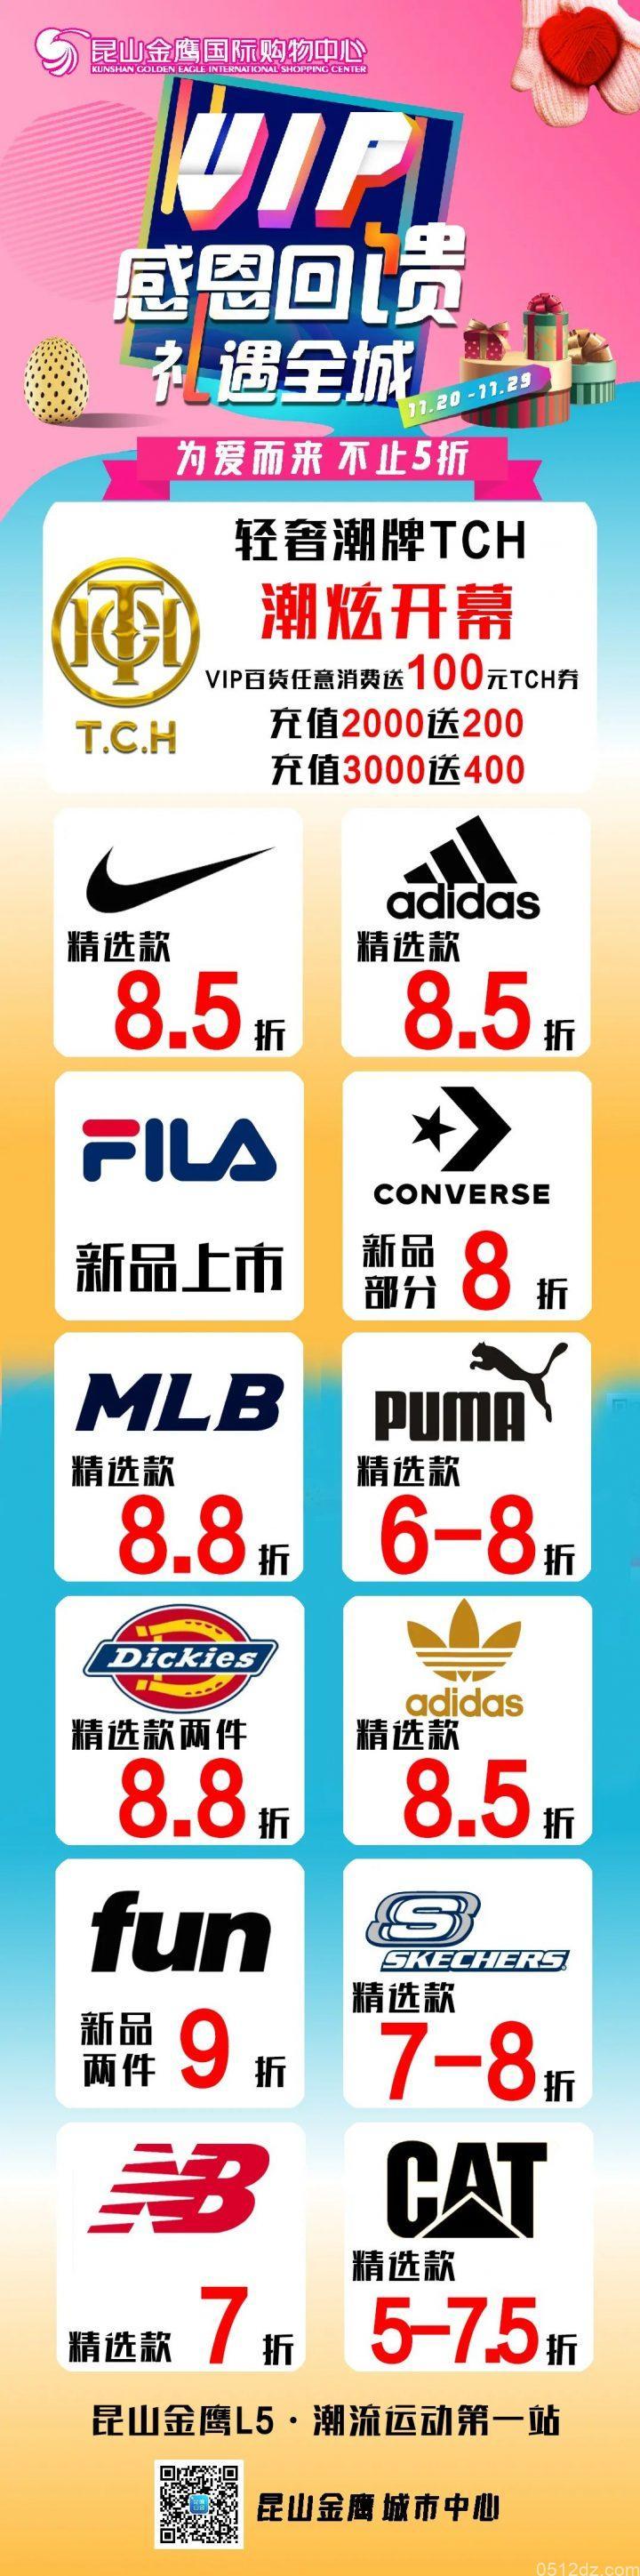 昆山金鹰国际购物中心11.20-11.29VIP感恩回馈